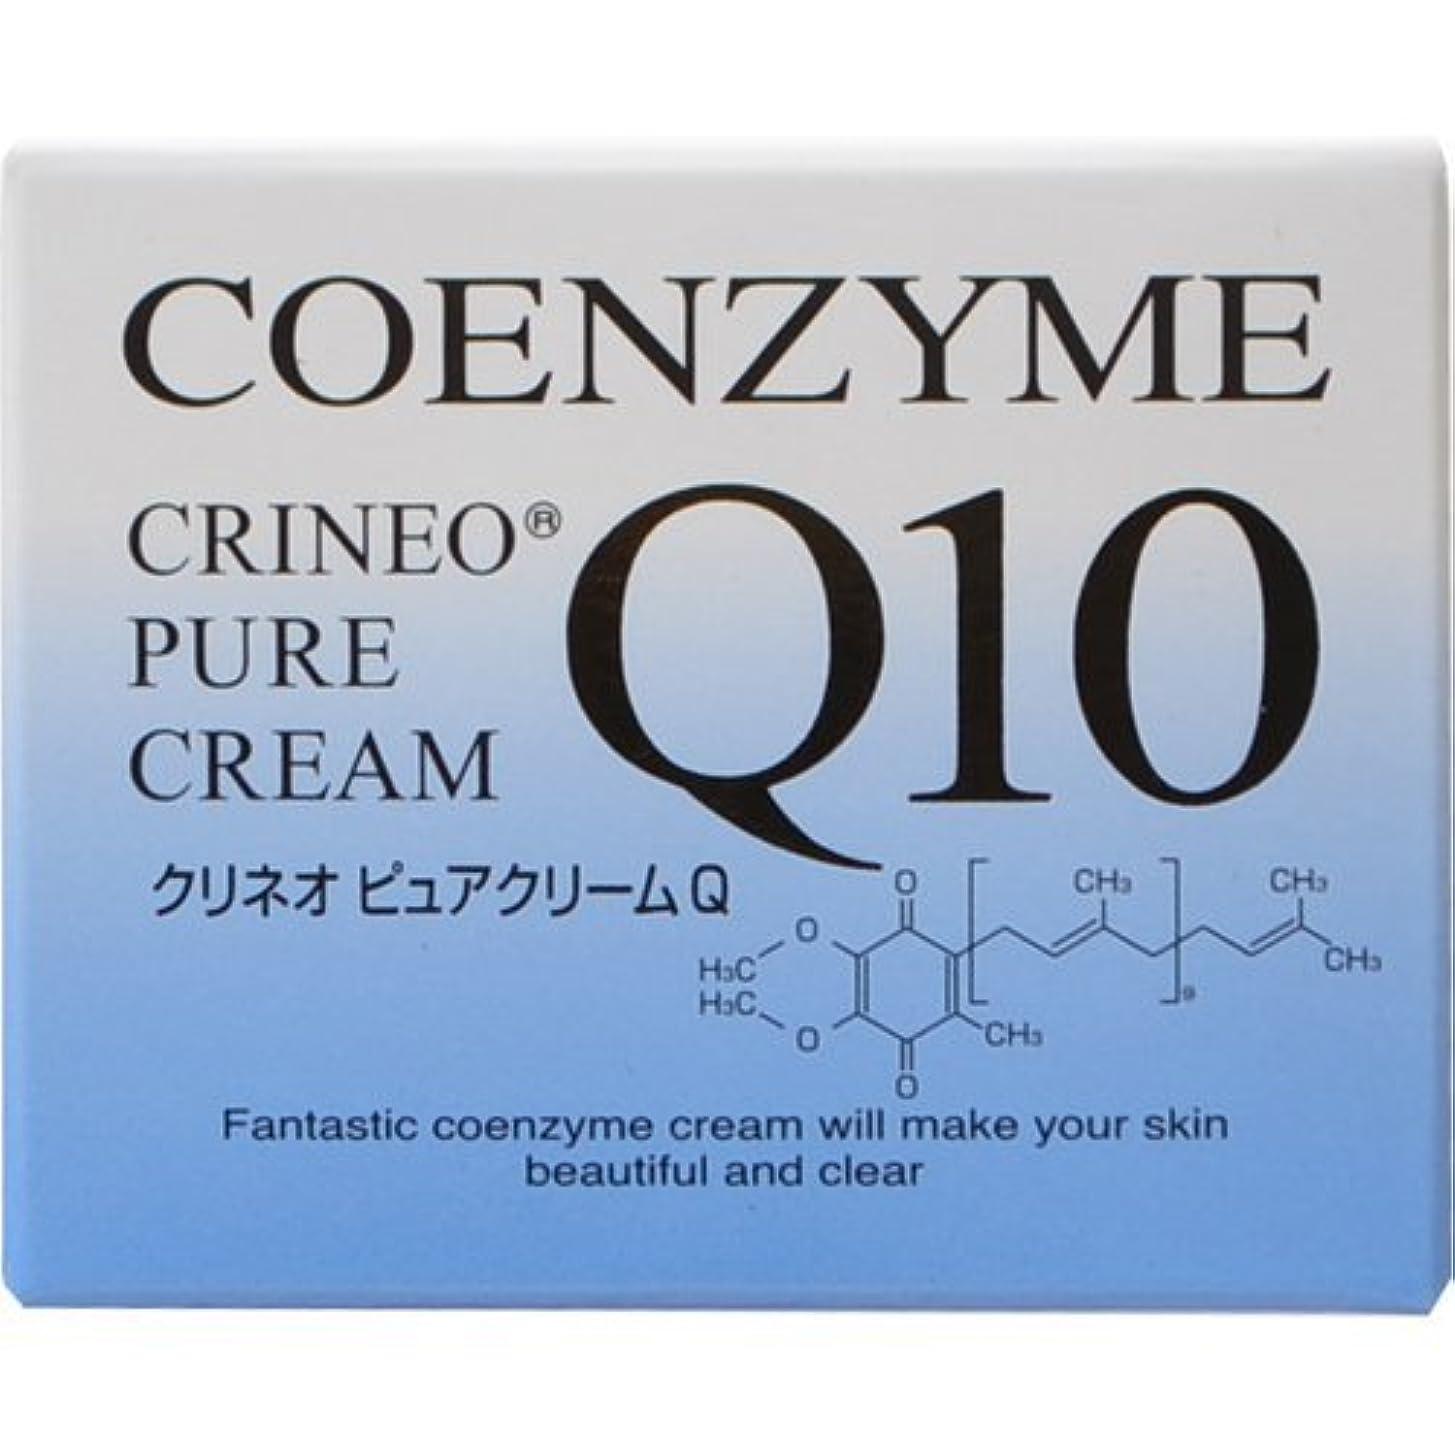 玉ねぎ廊下ジャグリングクリネオ ピュアクリームQ コエンザイムQ10を配合した浸透型の保湿クリーム